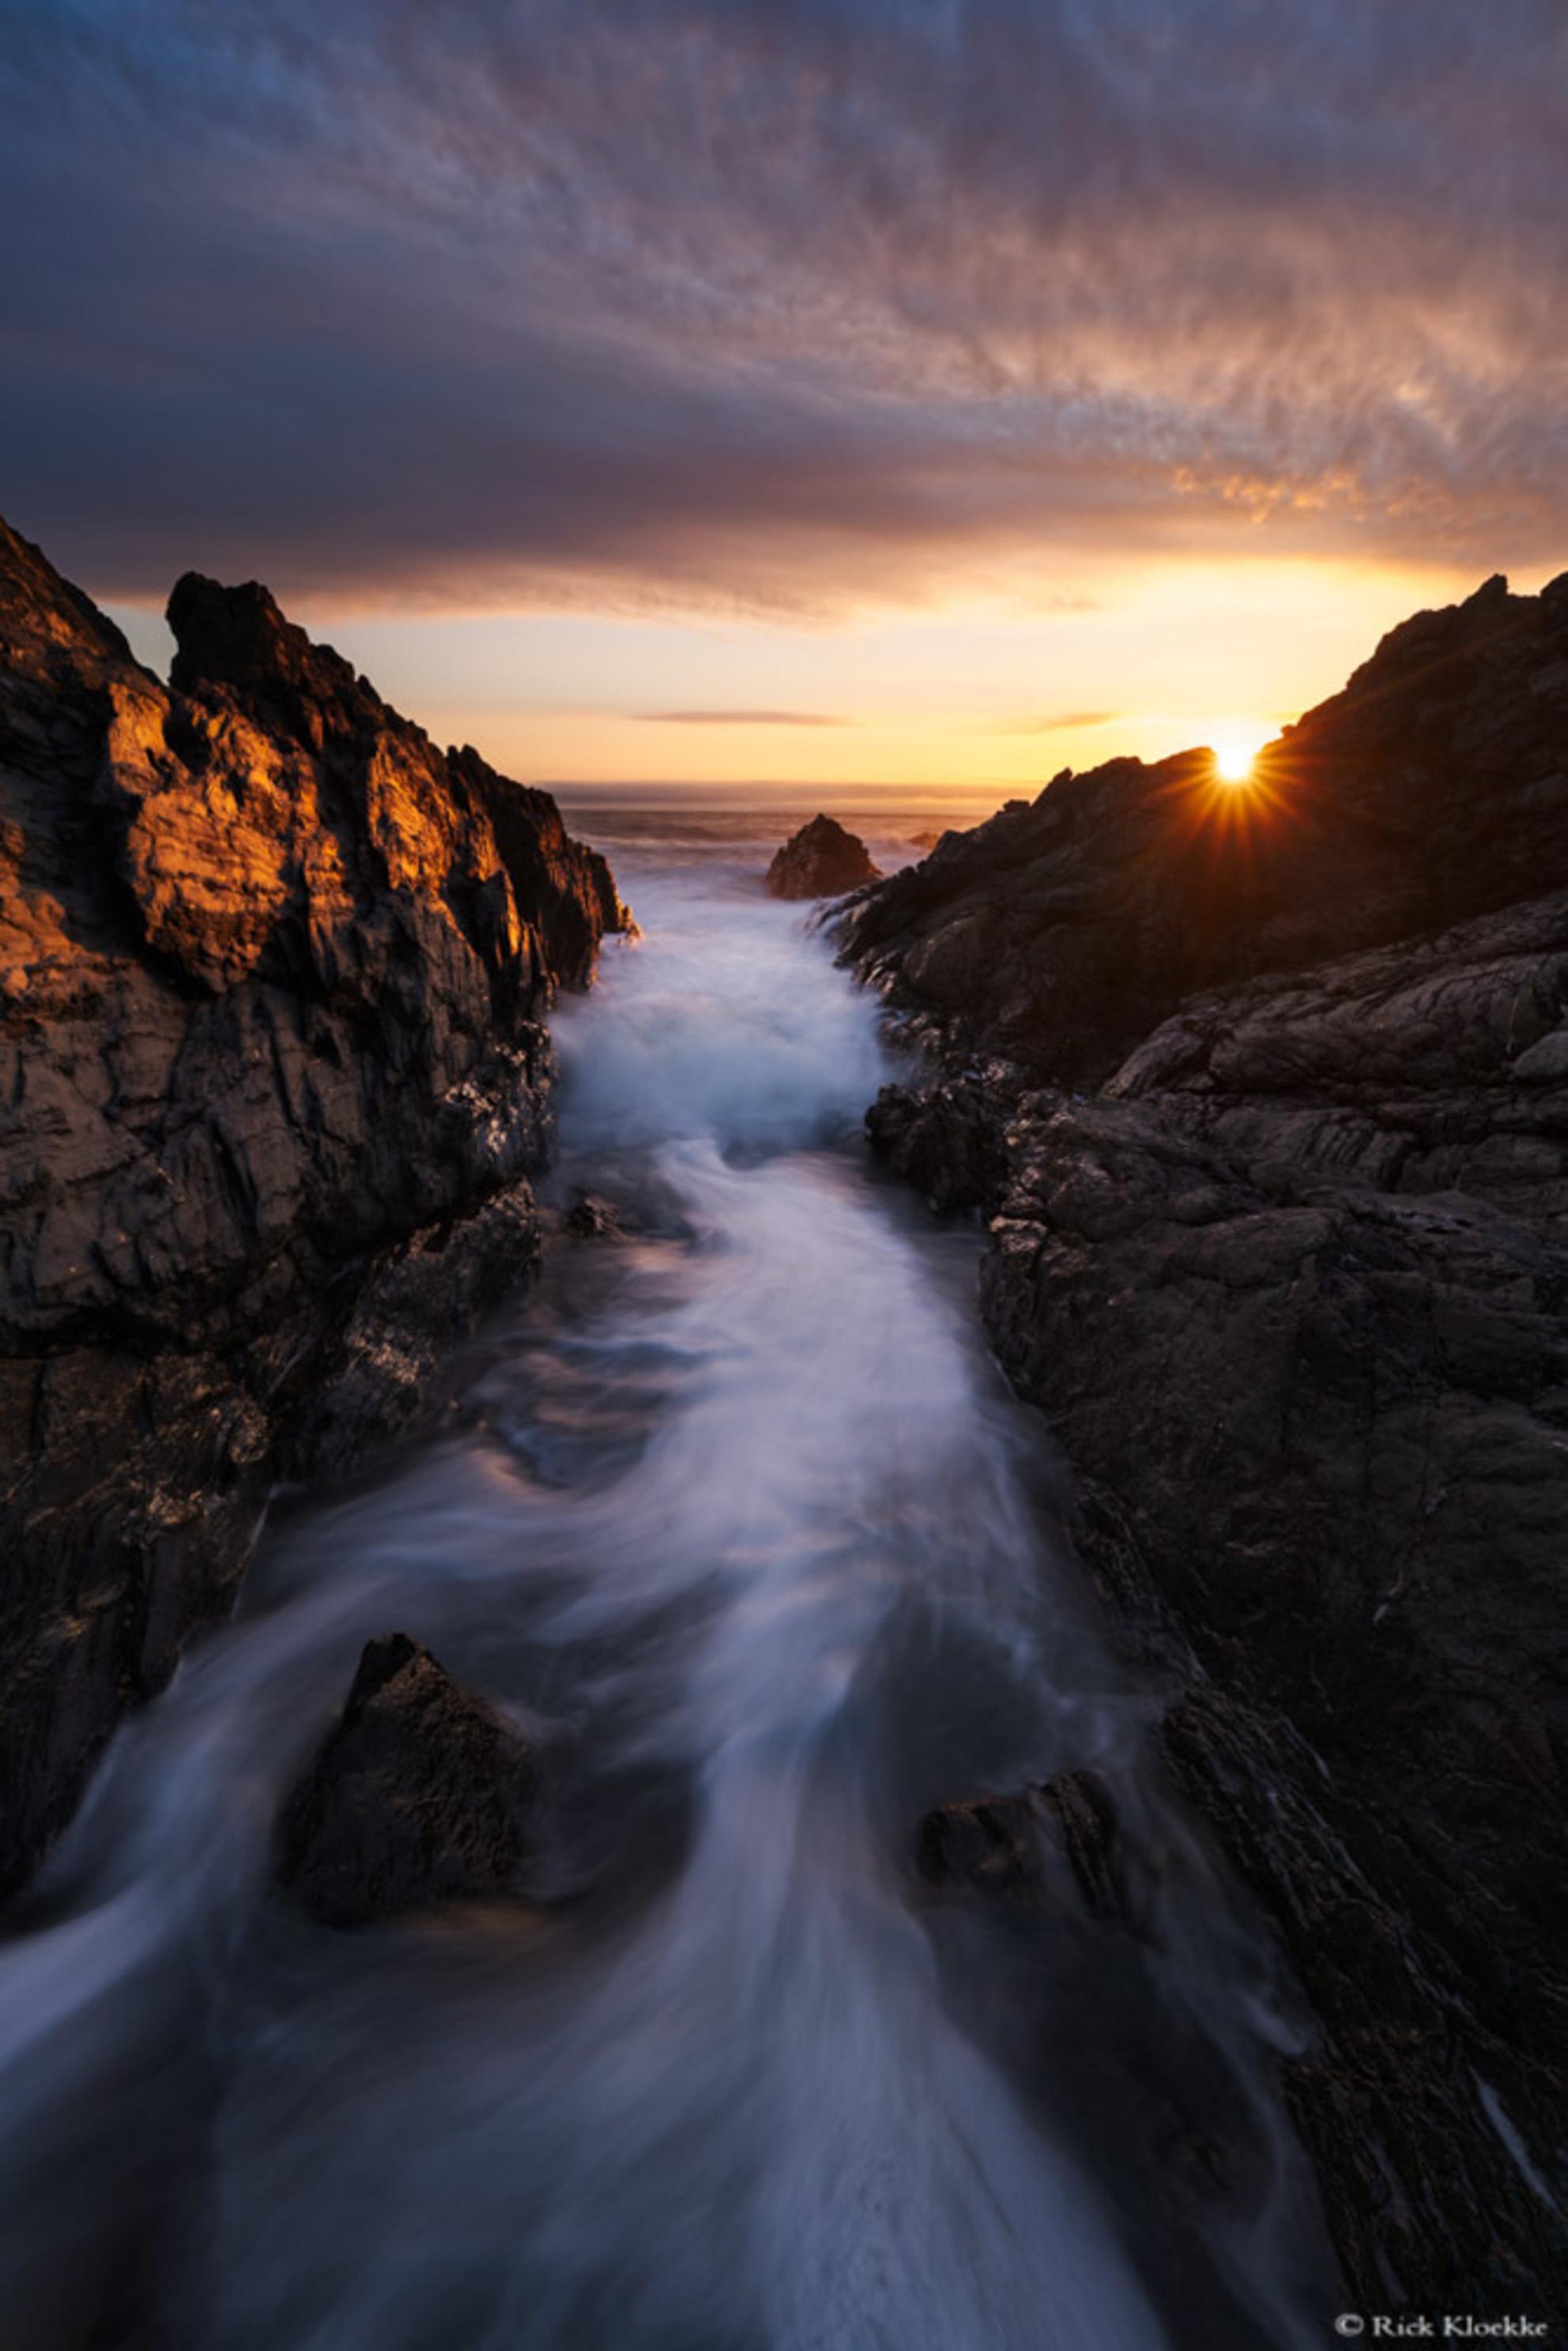 Croyde seascape - Een prachtige scene bij Croyde in Engeland!  Dit is 1 van de foto's die het heeft gehaald in mijn blog met 9 favoriete landschapsfoto's van 2018!  - foto door RickKloekke op 18-01-2019 - deze foto bevat: wolken, zee, water, sunset, zonsondergang, beweging, zeelandschap, structuren, lines, seascape, iljnen